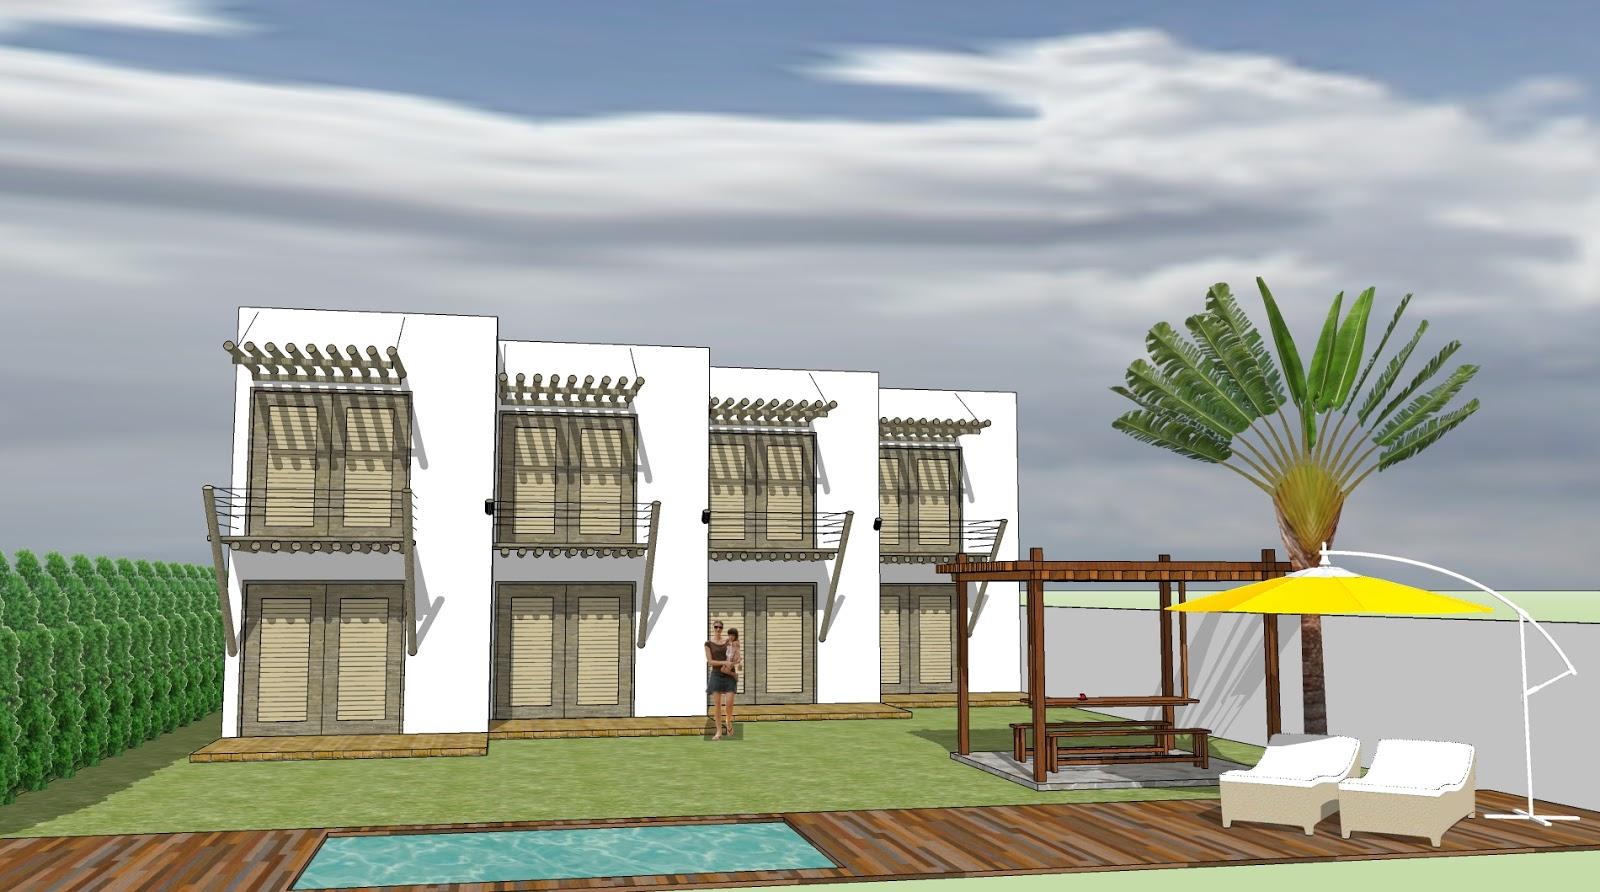 possui 2 suítes terraço sala cozinha varandas e quarto reversível #69492E 1600 892